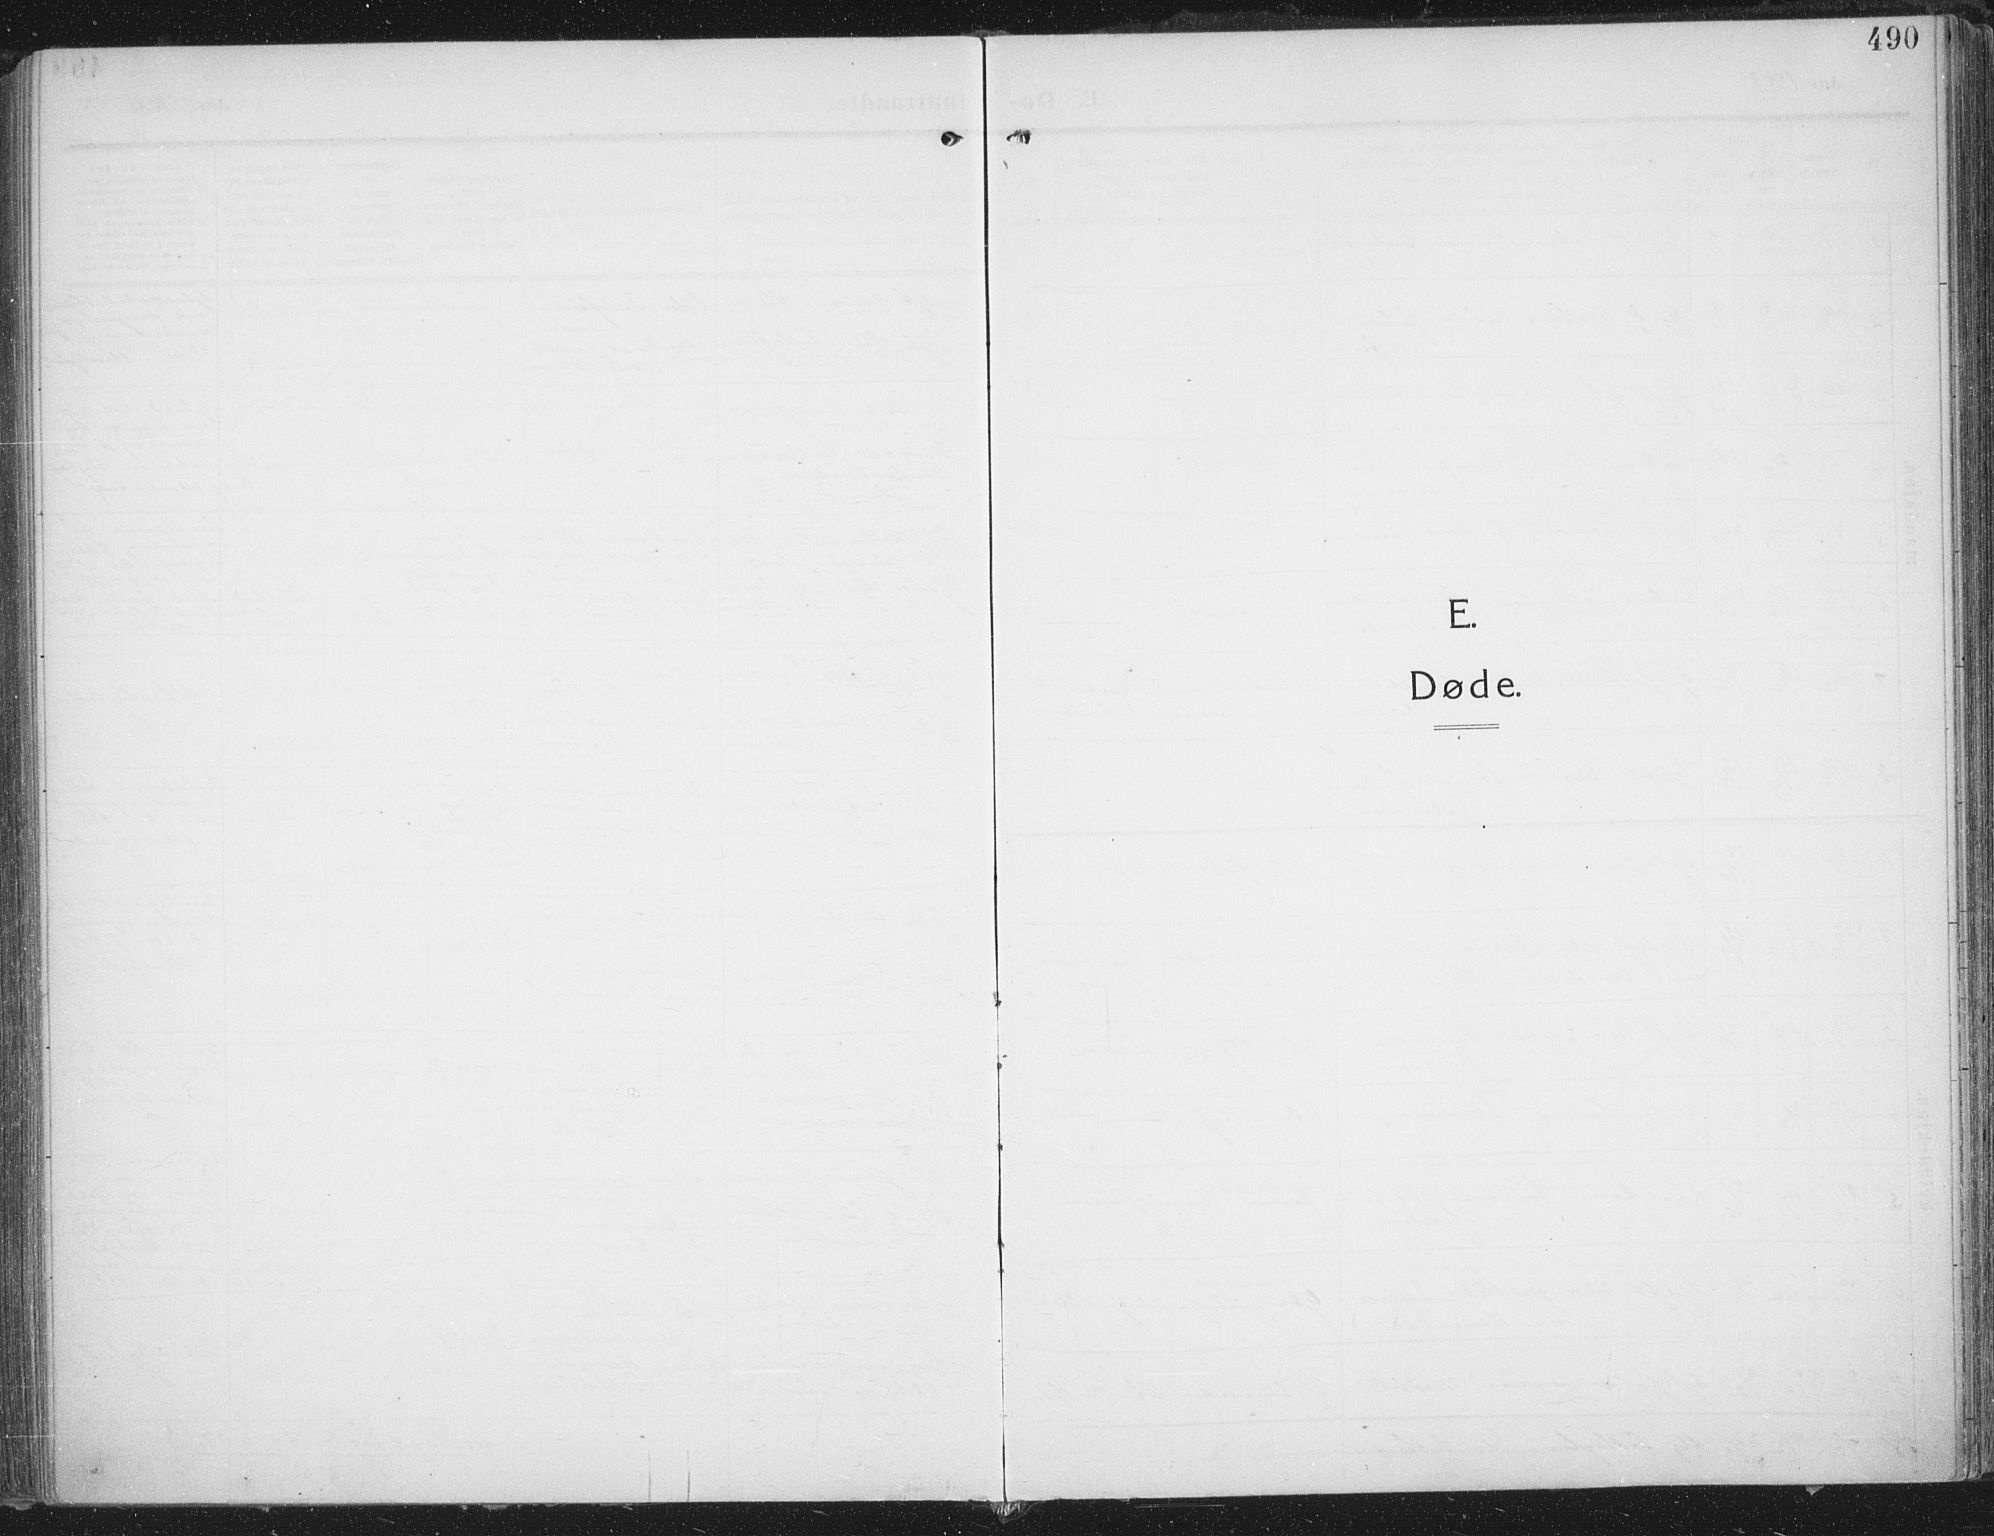 SATØ, Trondenes sokneprestkontor, H/Ha/L0018kirke: Ministerialbok nr. 18, 1909-1918, s. 490